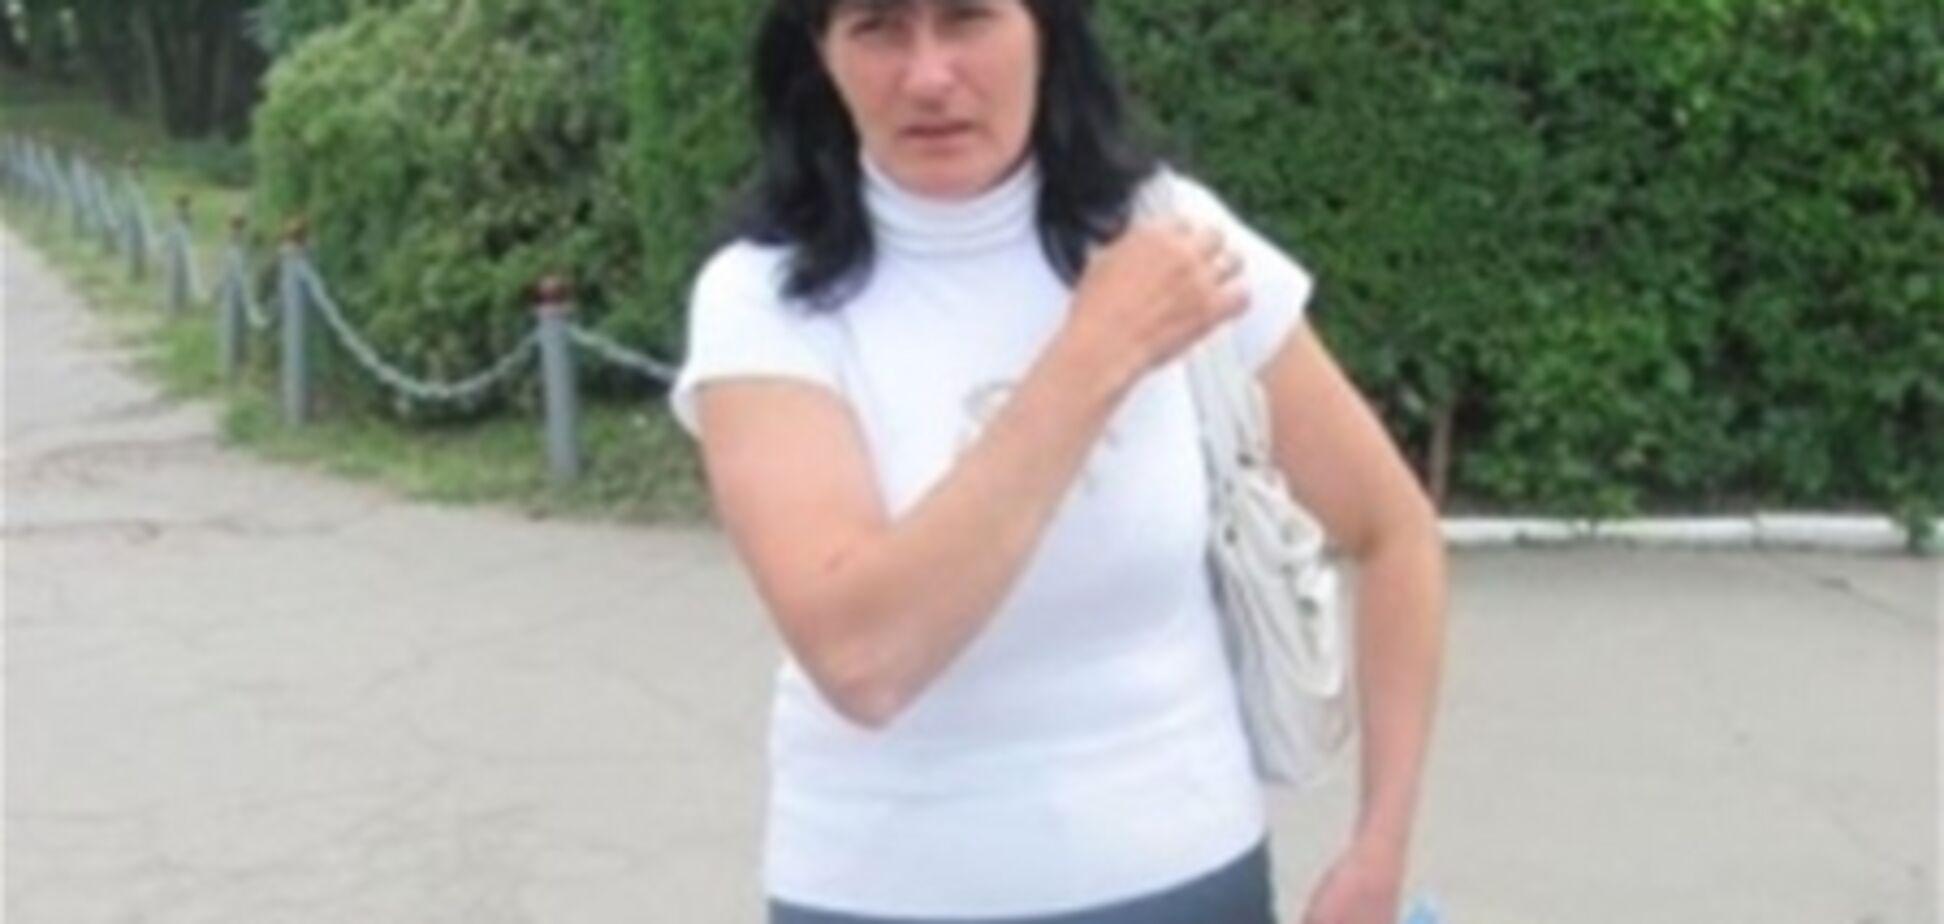 Апелляционный суд отменил решение райсуда о невиновности тещи Колесниченко